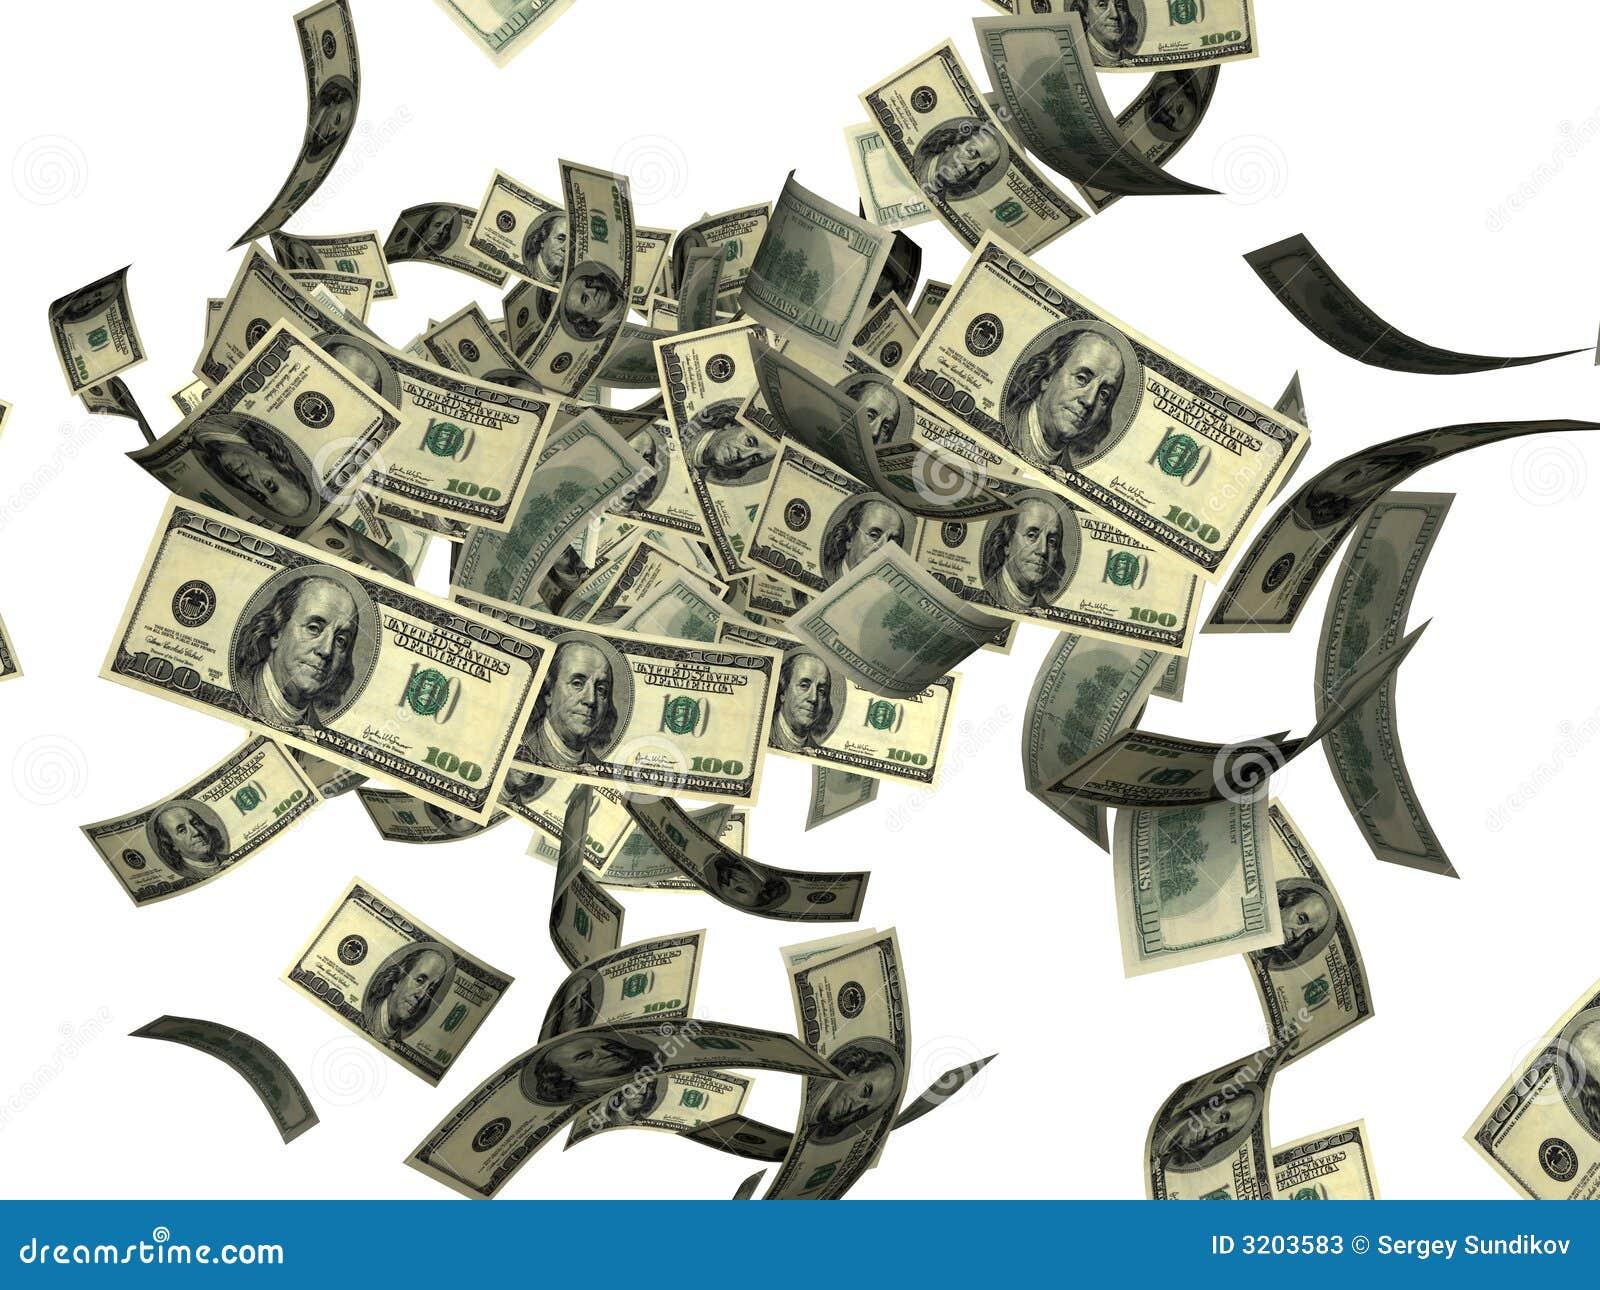 dollar bills falling on - photo #41